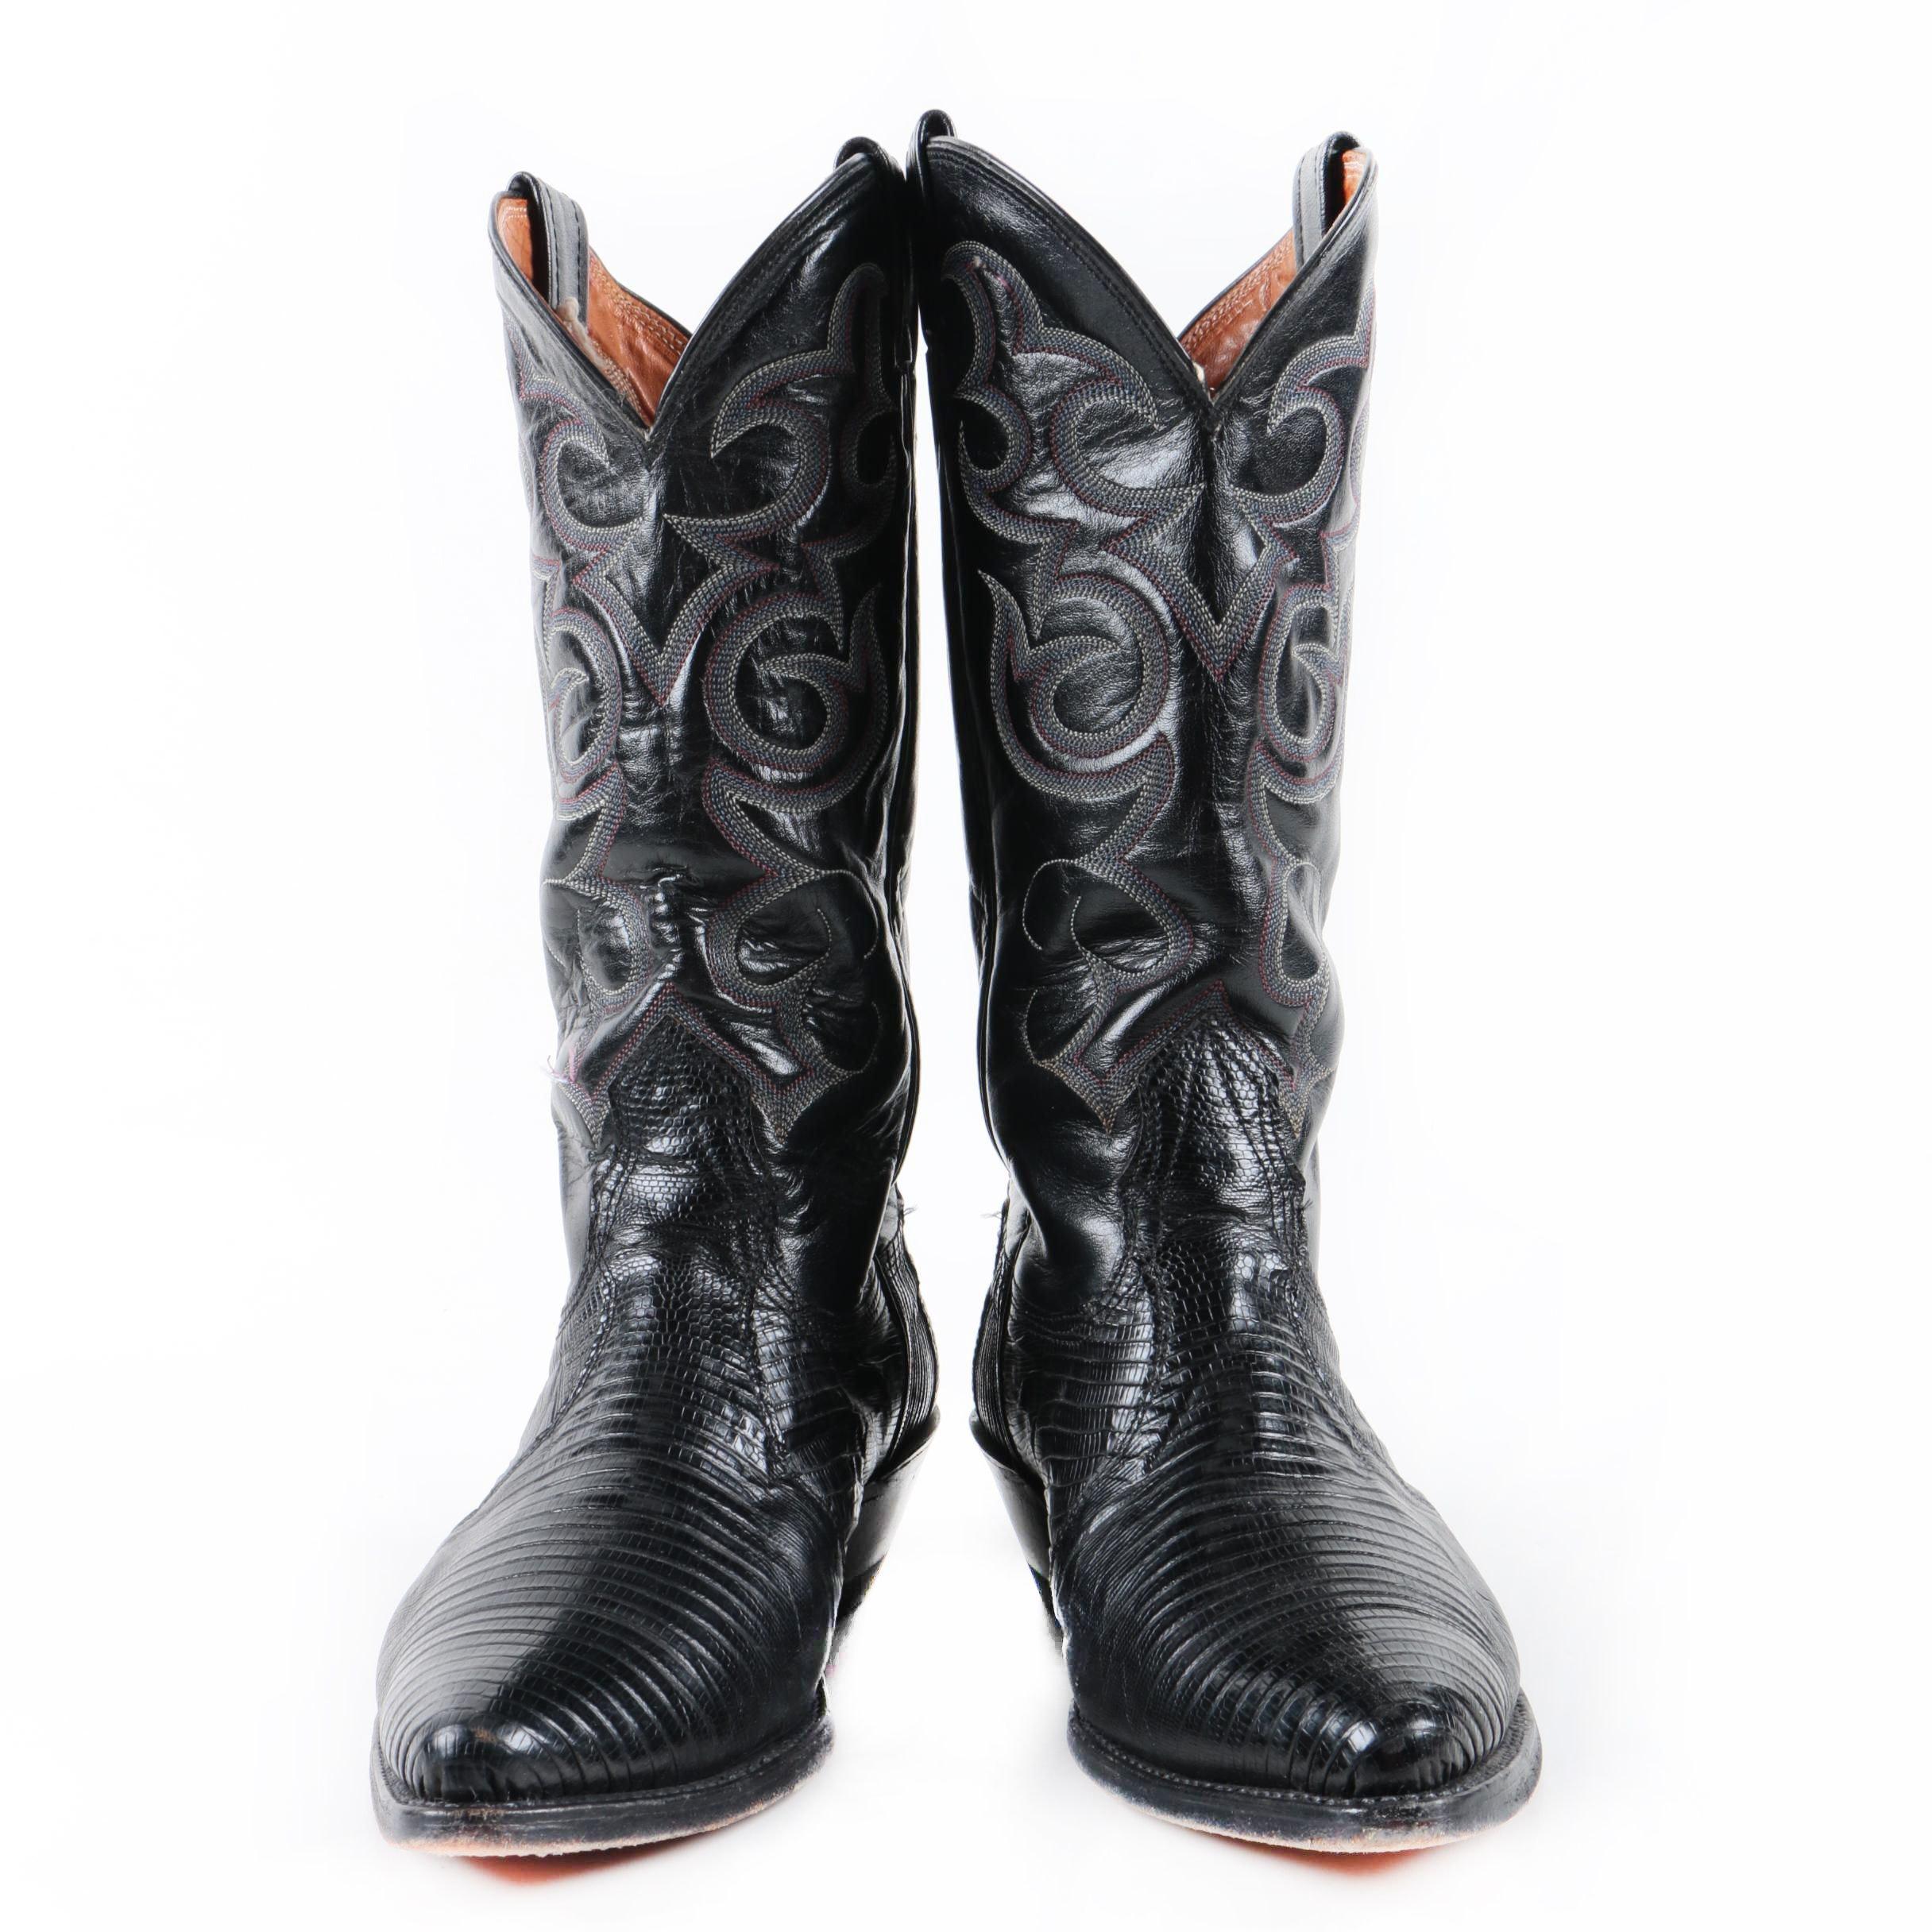 Sole Tech Men's Cowboy Boots